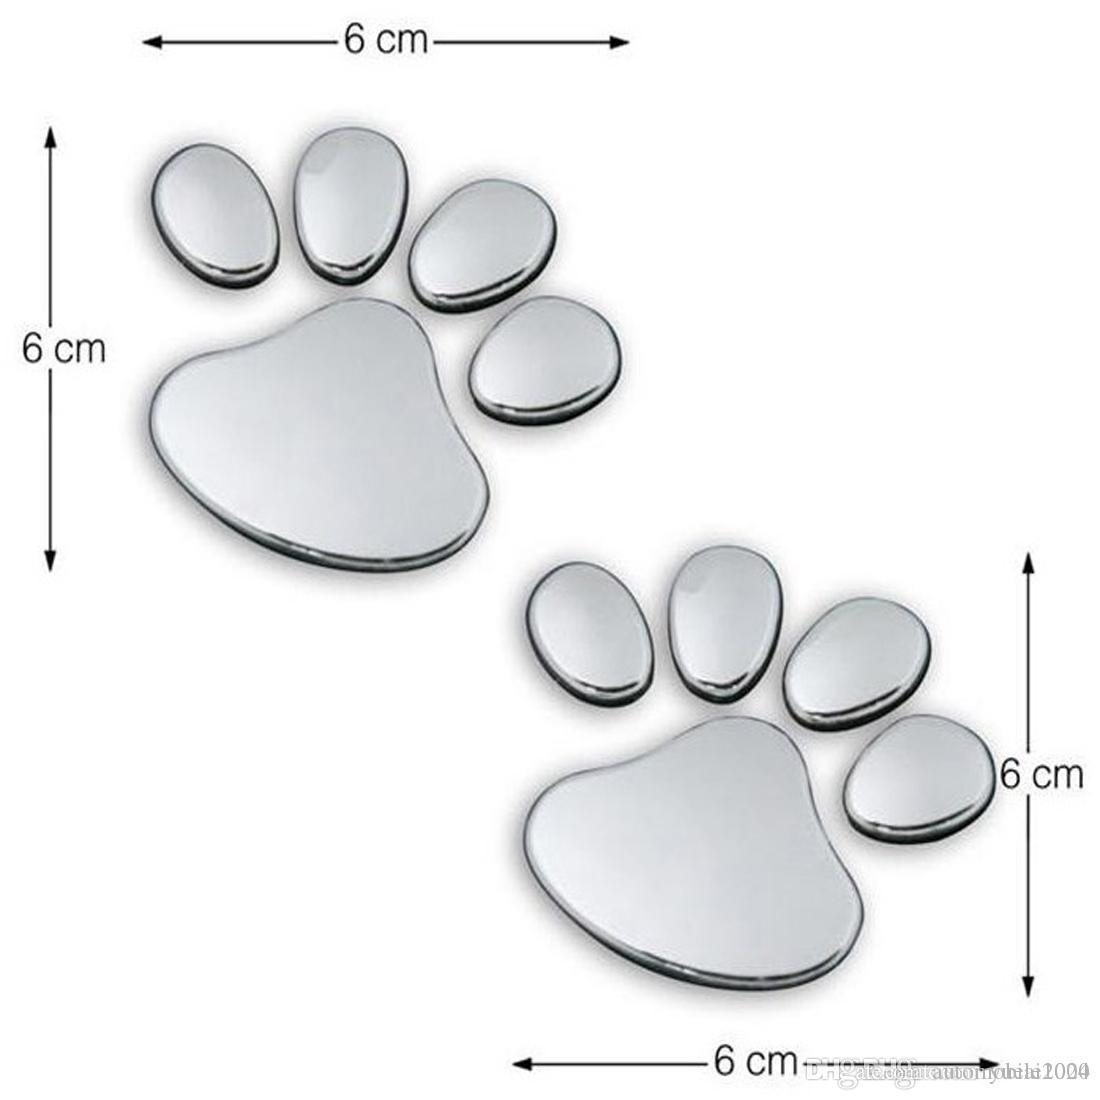 Bir çift Araç plakası Serin Tasarım Paw 3D Hayvan Köpek Kedi Ayı Ayak Baskılar Ayak İzi 3M Çıkartması Araba Etiketler Gümüş Altın